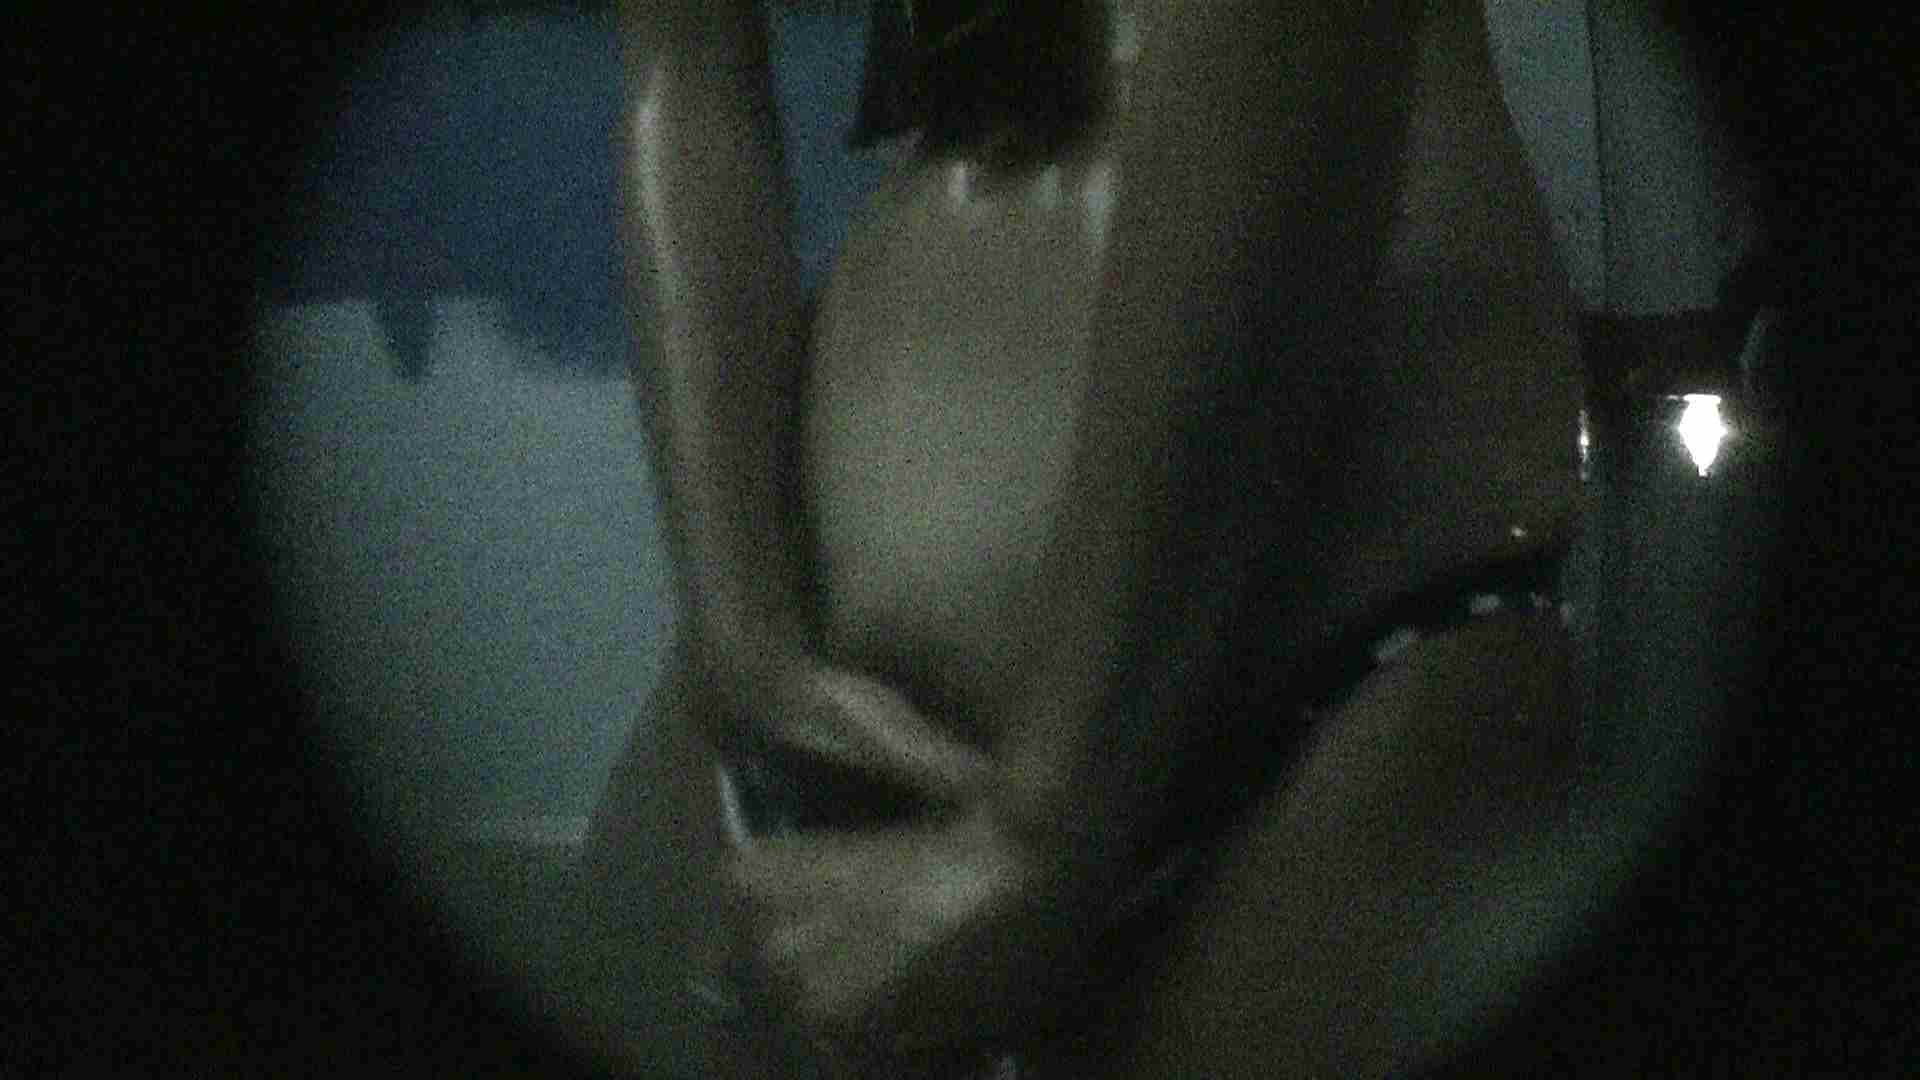 NO.13 暗いですが豪快な砂落としが好印象 シャワー室 ワレメ動画紹介 89画像 14